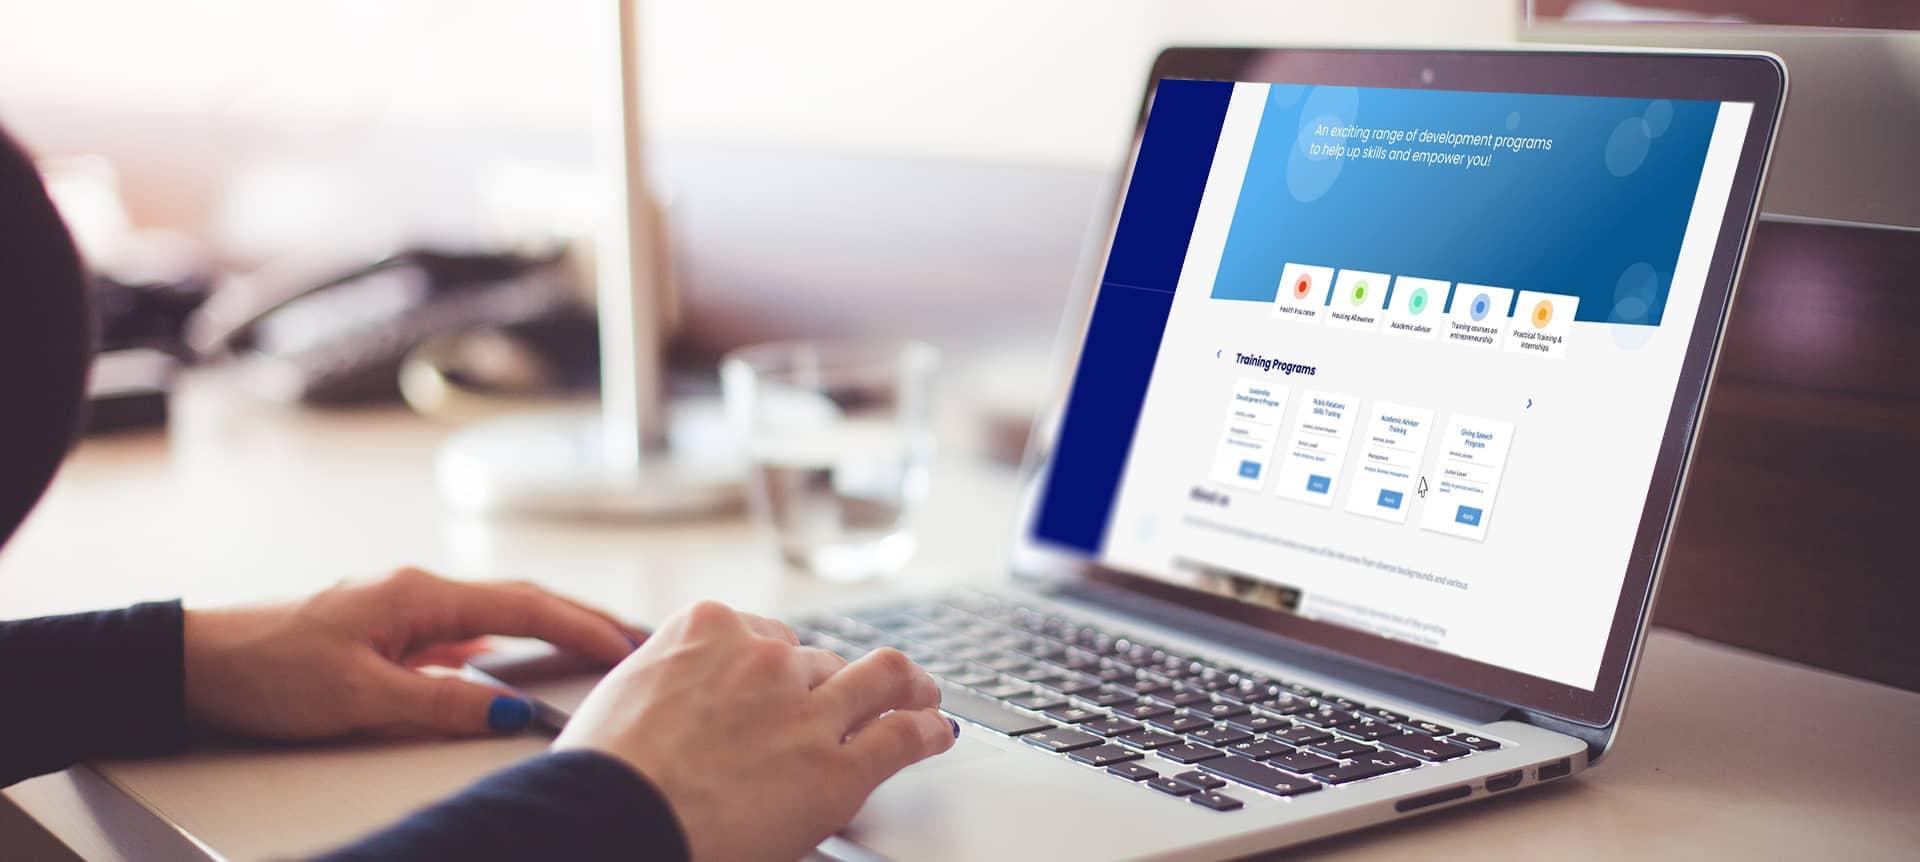 Laptop showing a hiring platform